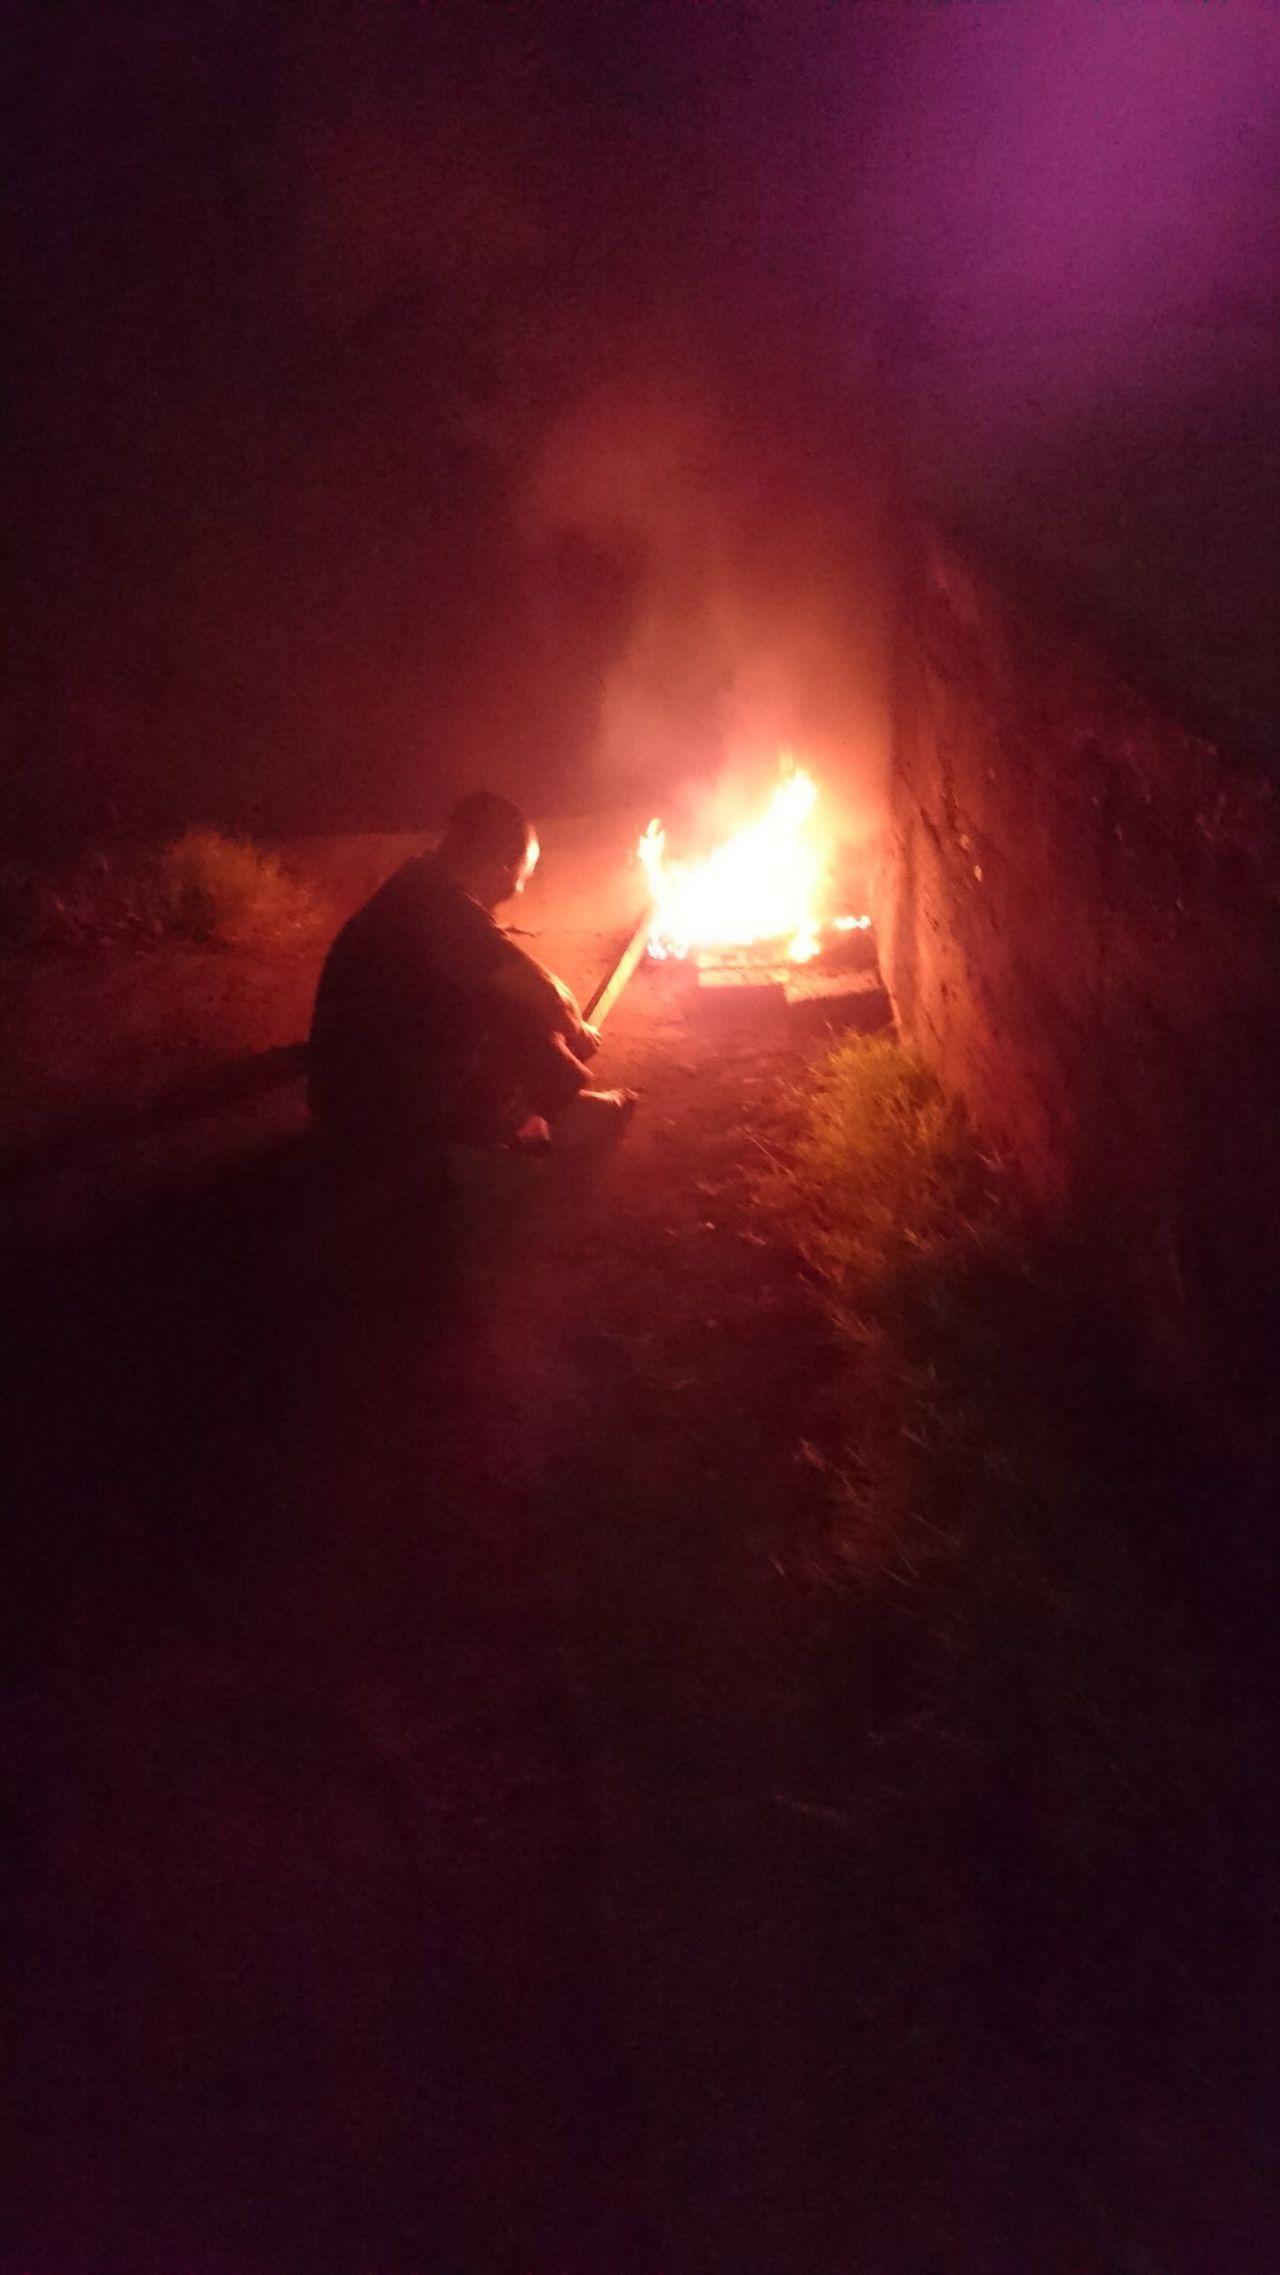 魏姓男子在台南市南區燒廢電線,造成空氣汙染被環保局人員開罰。記者黃宣翰/翻攝